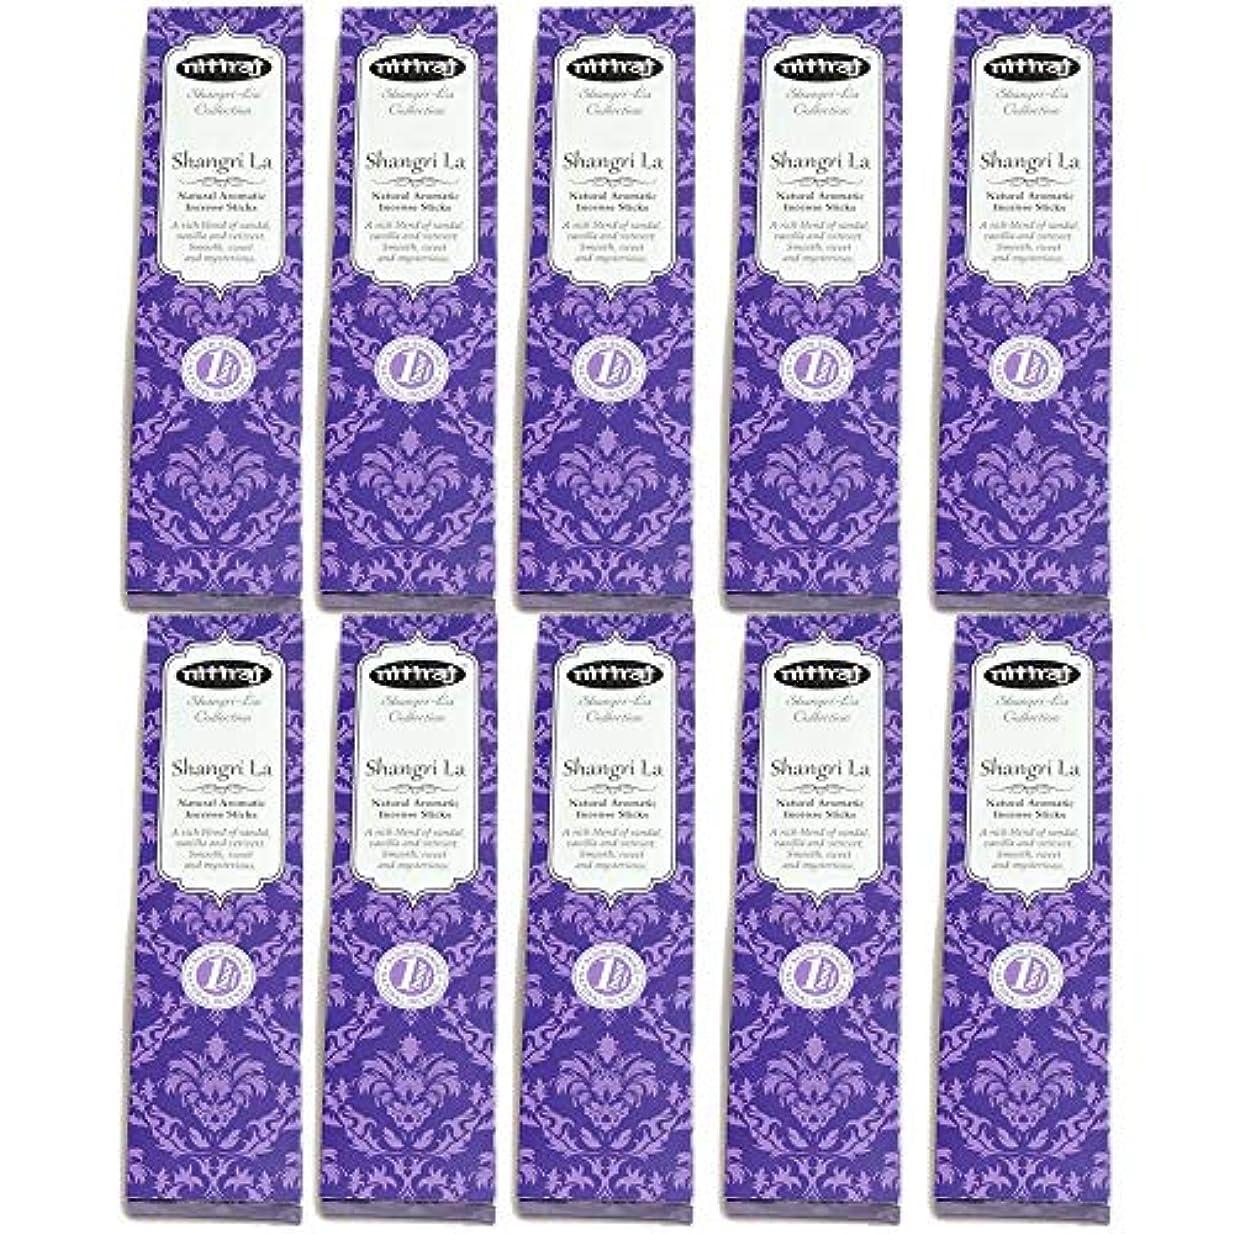 遠征チェス光お香 アロマインセンス Nitiraj(ニティラジ)一番人気の香り シャングリ?ラ 10箱セット スティック型 天然素材のみ使用 正規輸入代理店